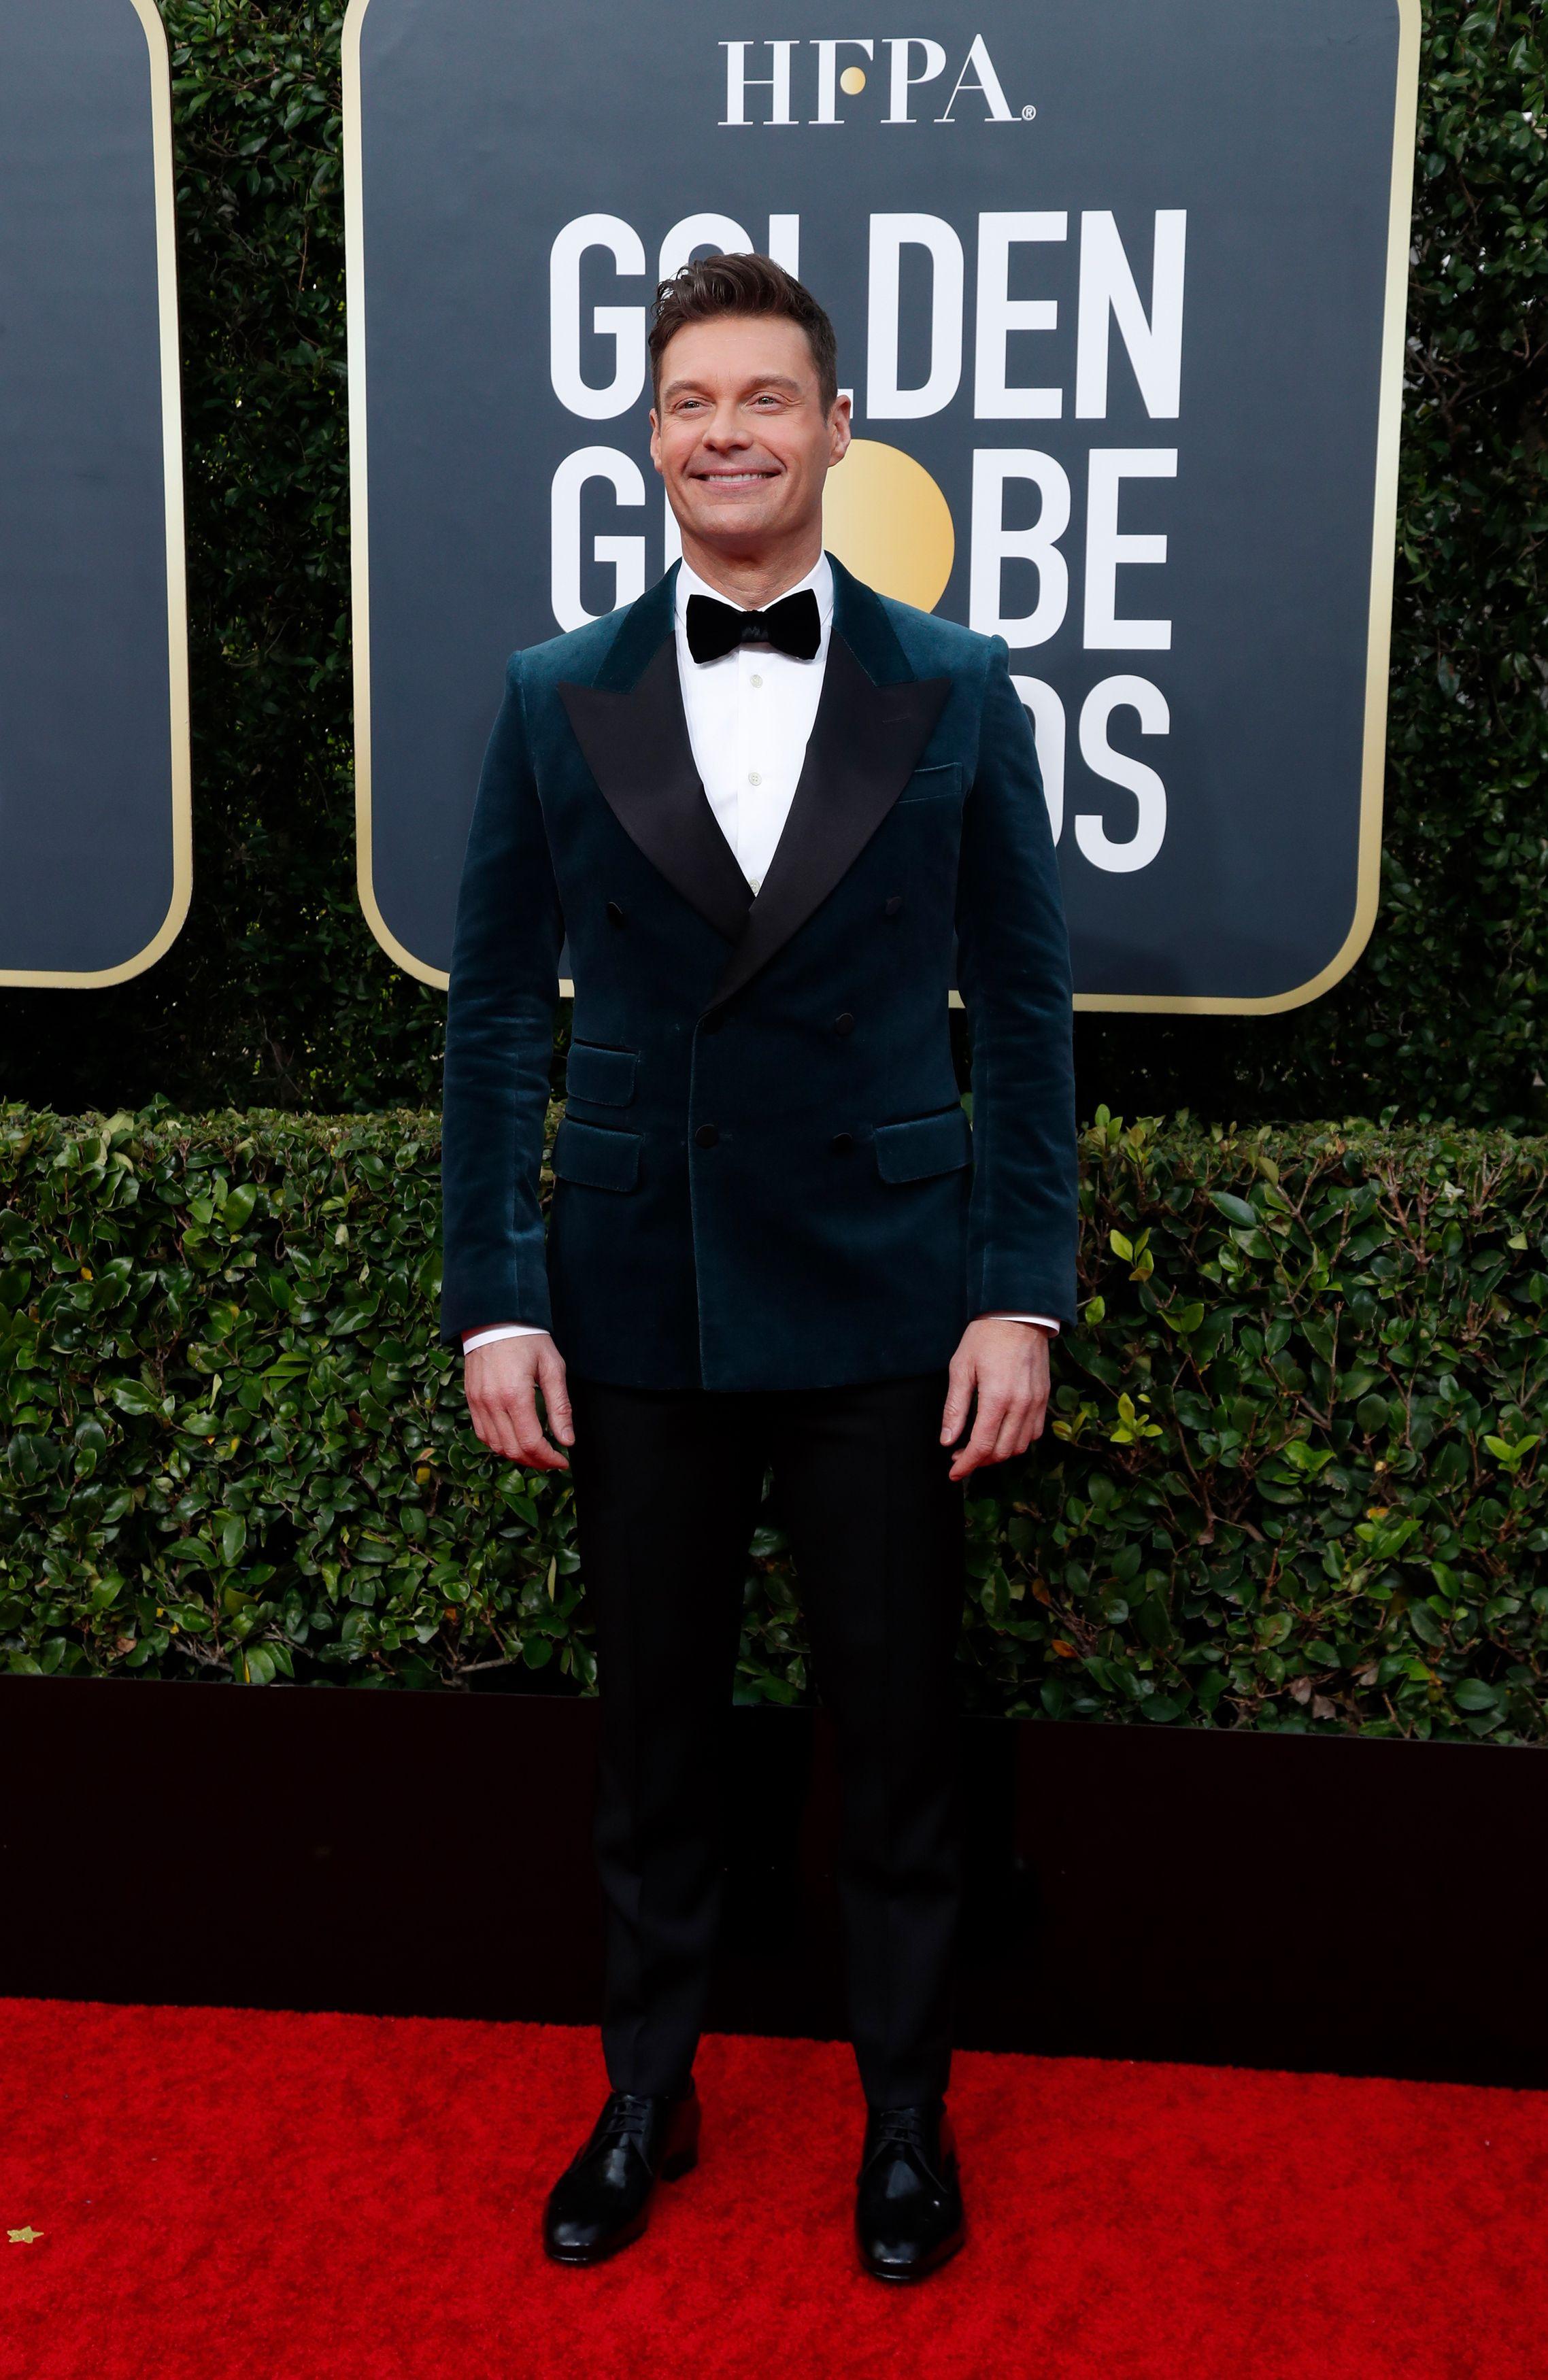 Ryan Seacrest sorprendió en la red carpet de los Golden Globe con un saco de chiffón verde y pantalón negro. Completó su look con camisa blanca abotonada y moño negro